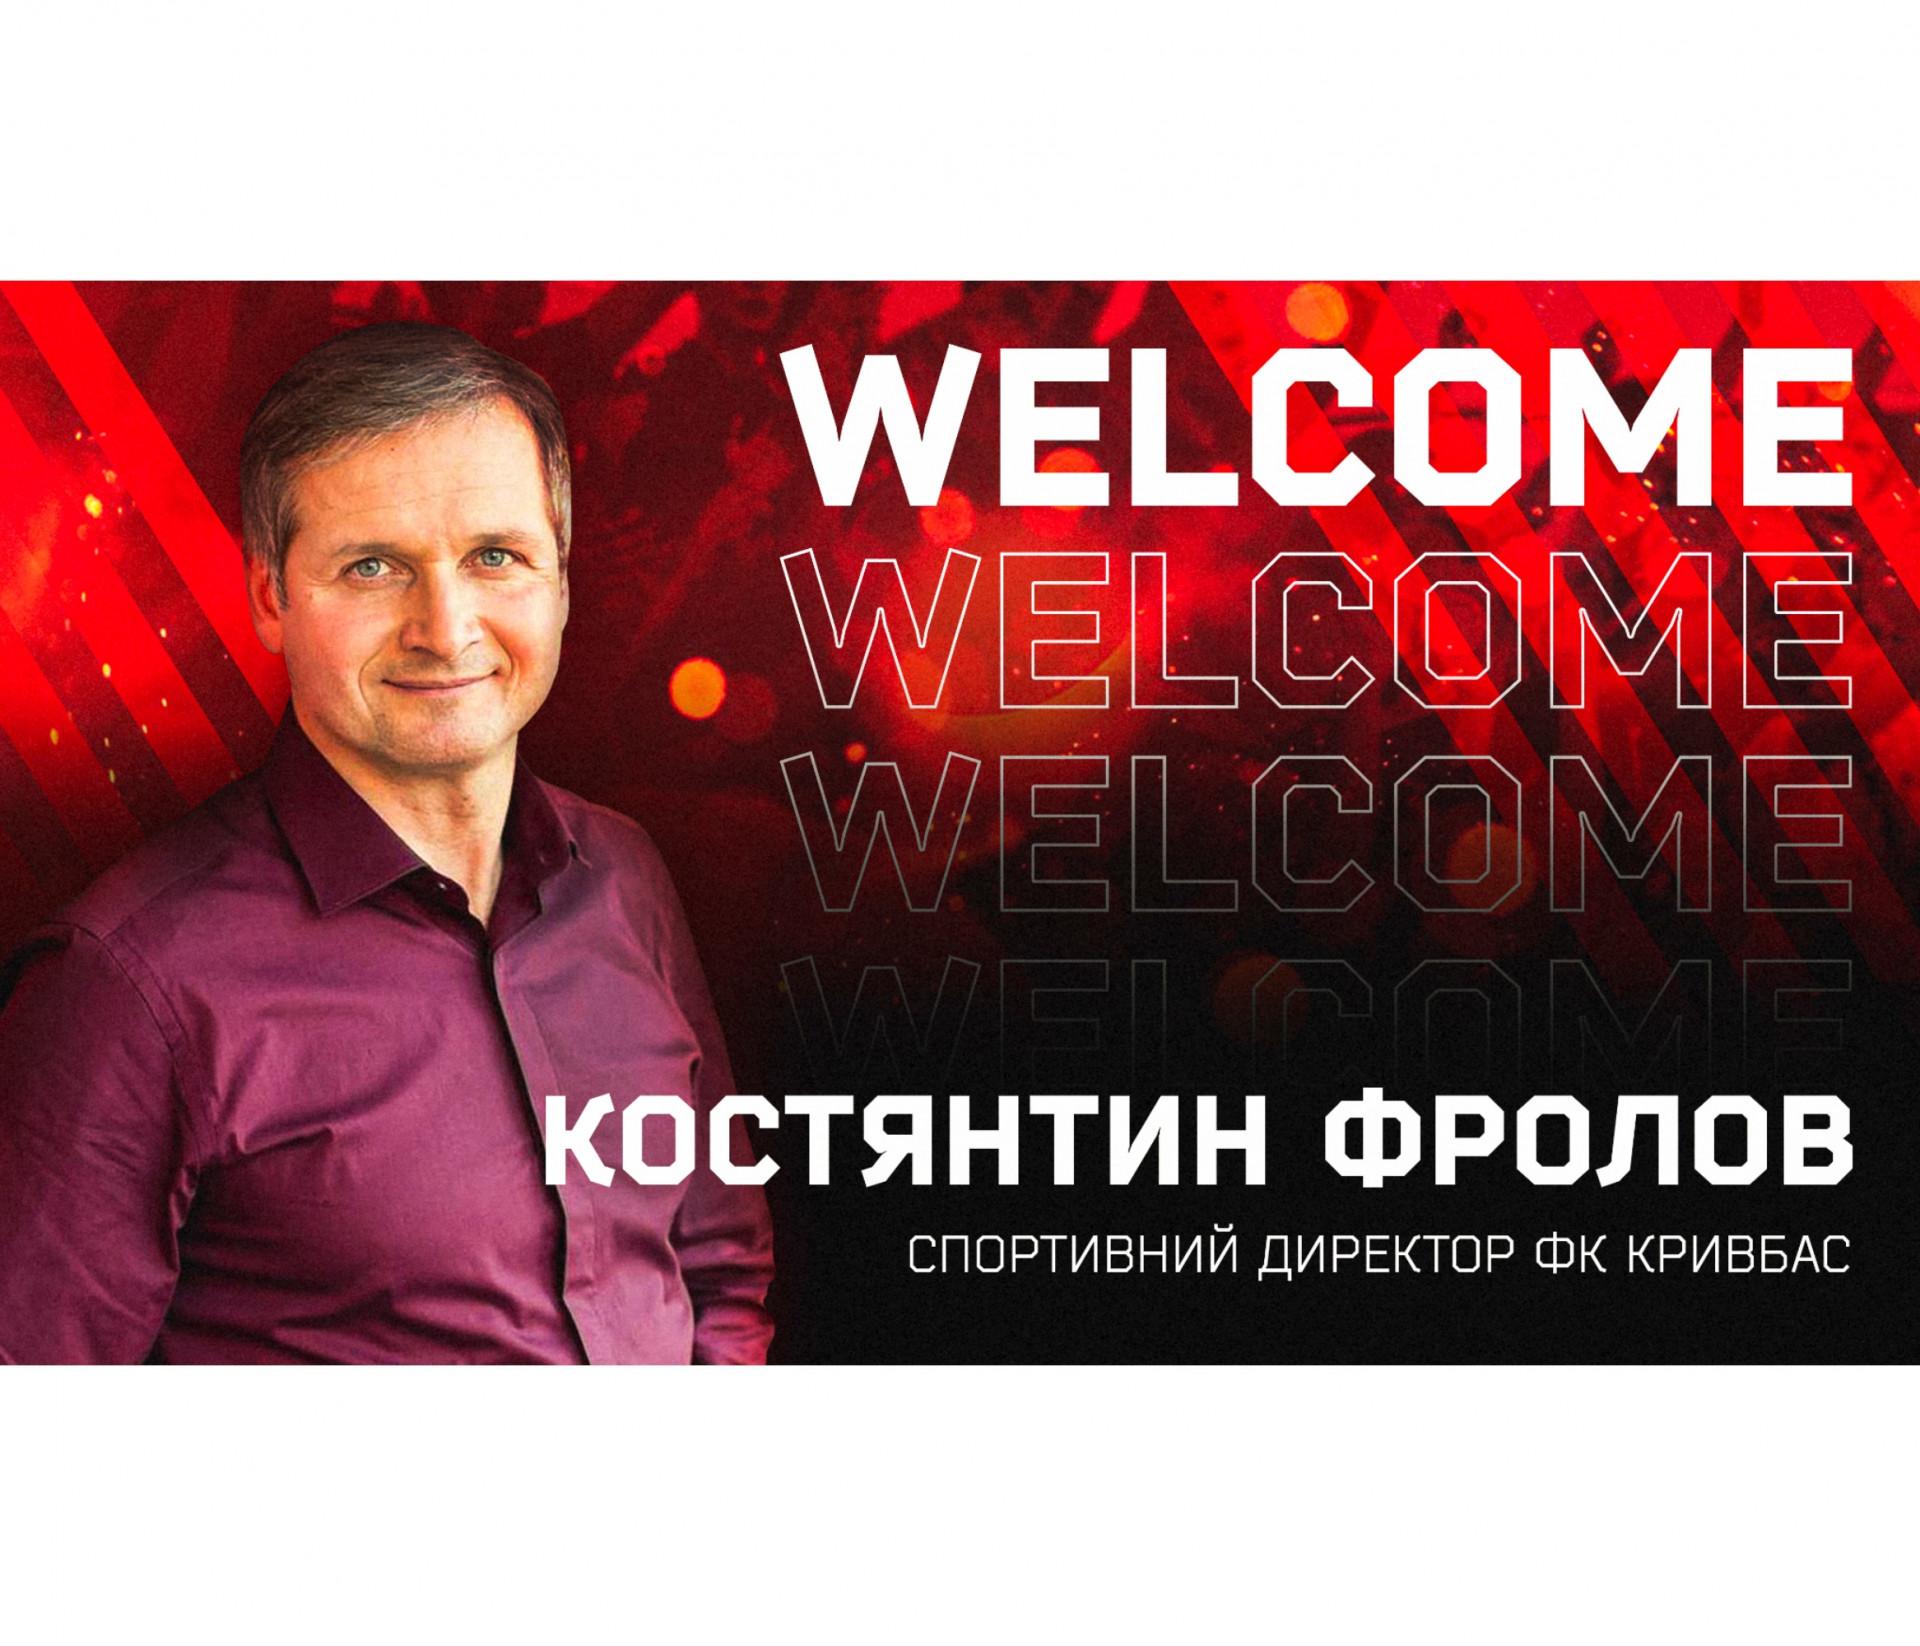 """Костянтин Фролов - спортивний директор ФК """"Кривбас""""}"""